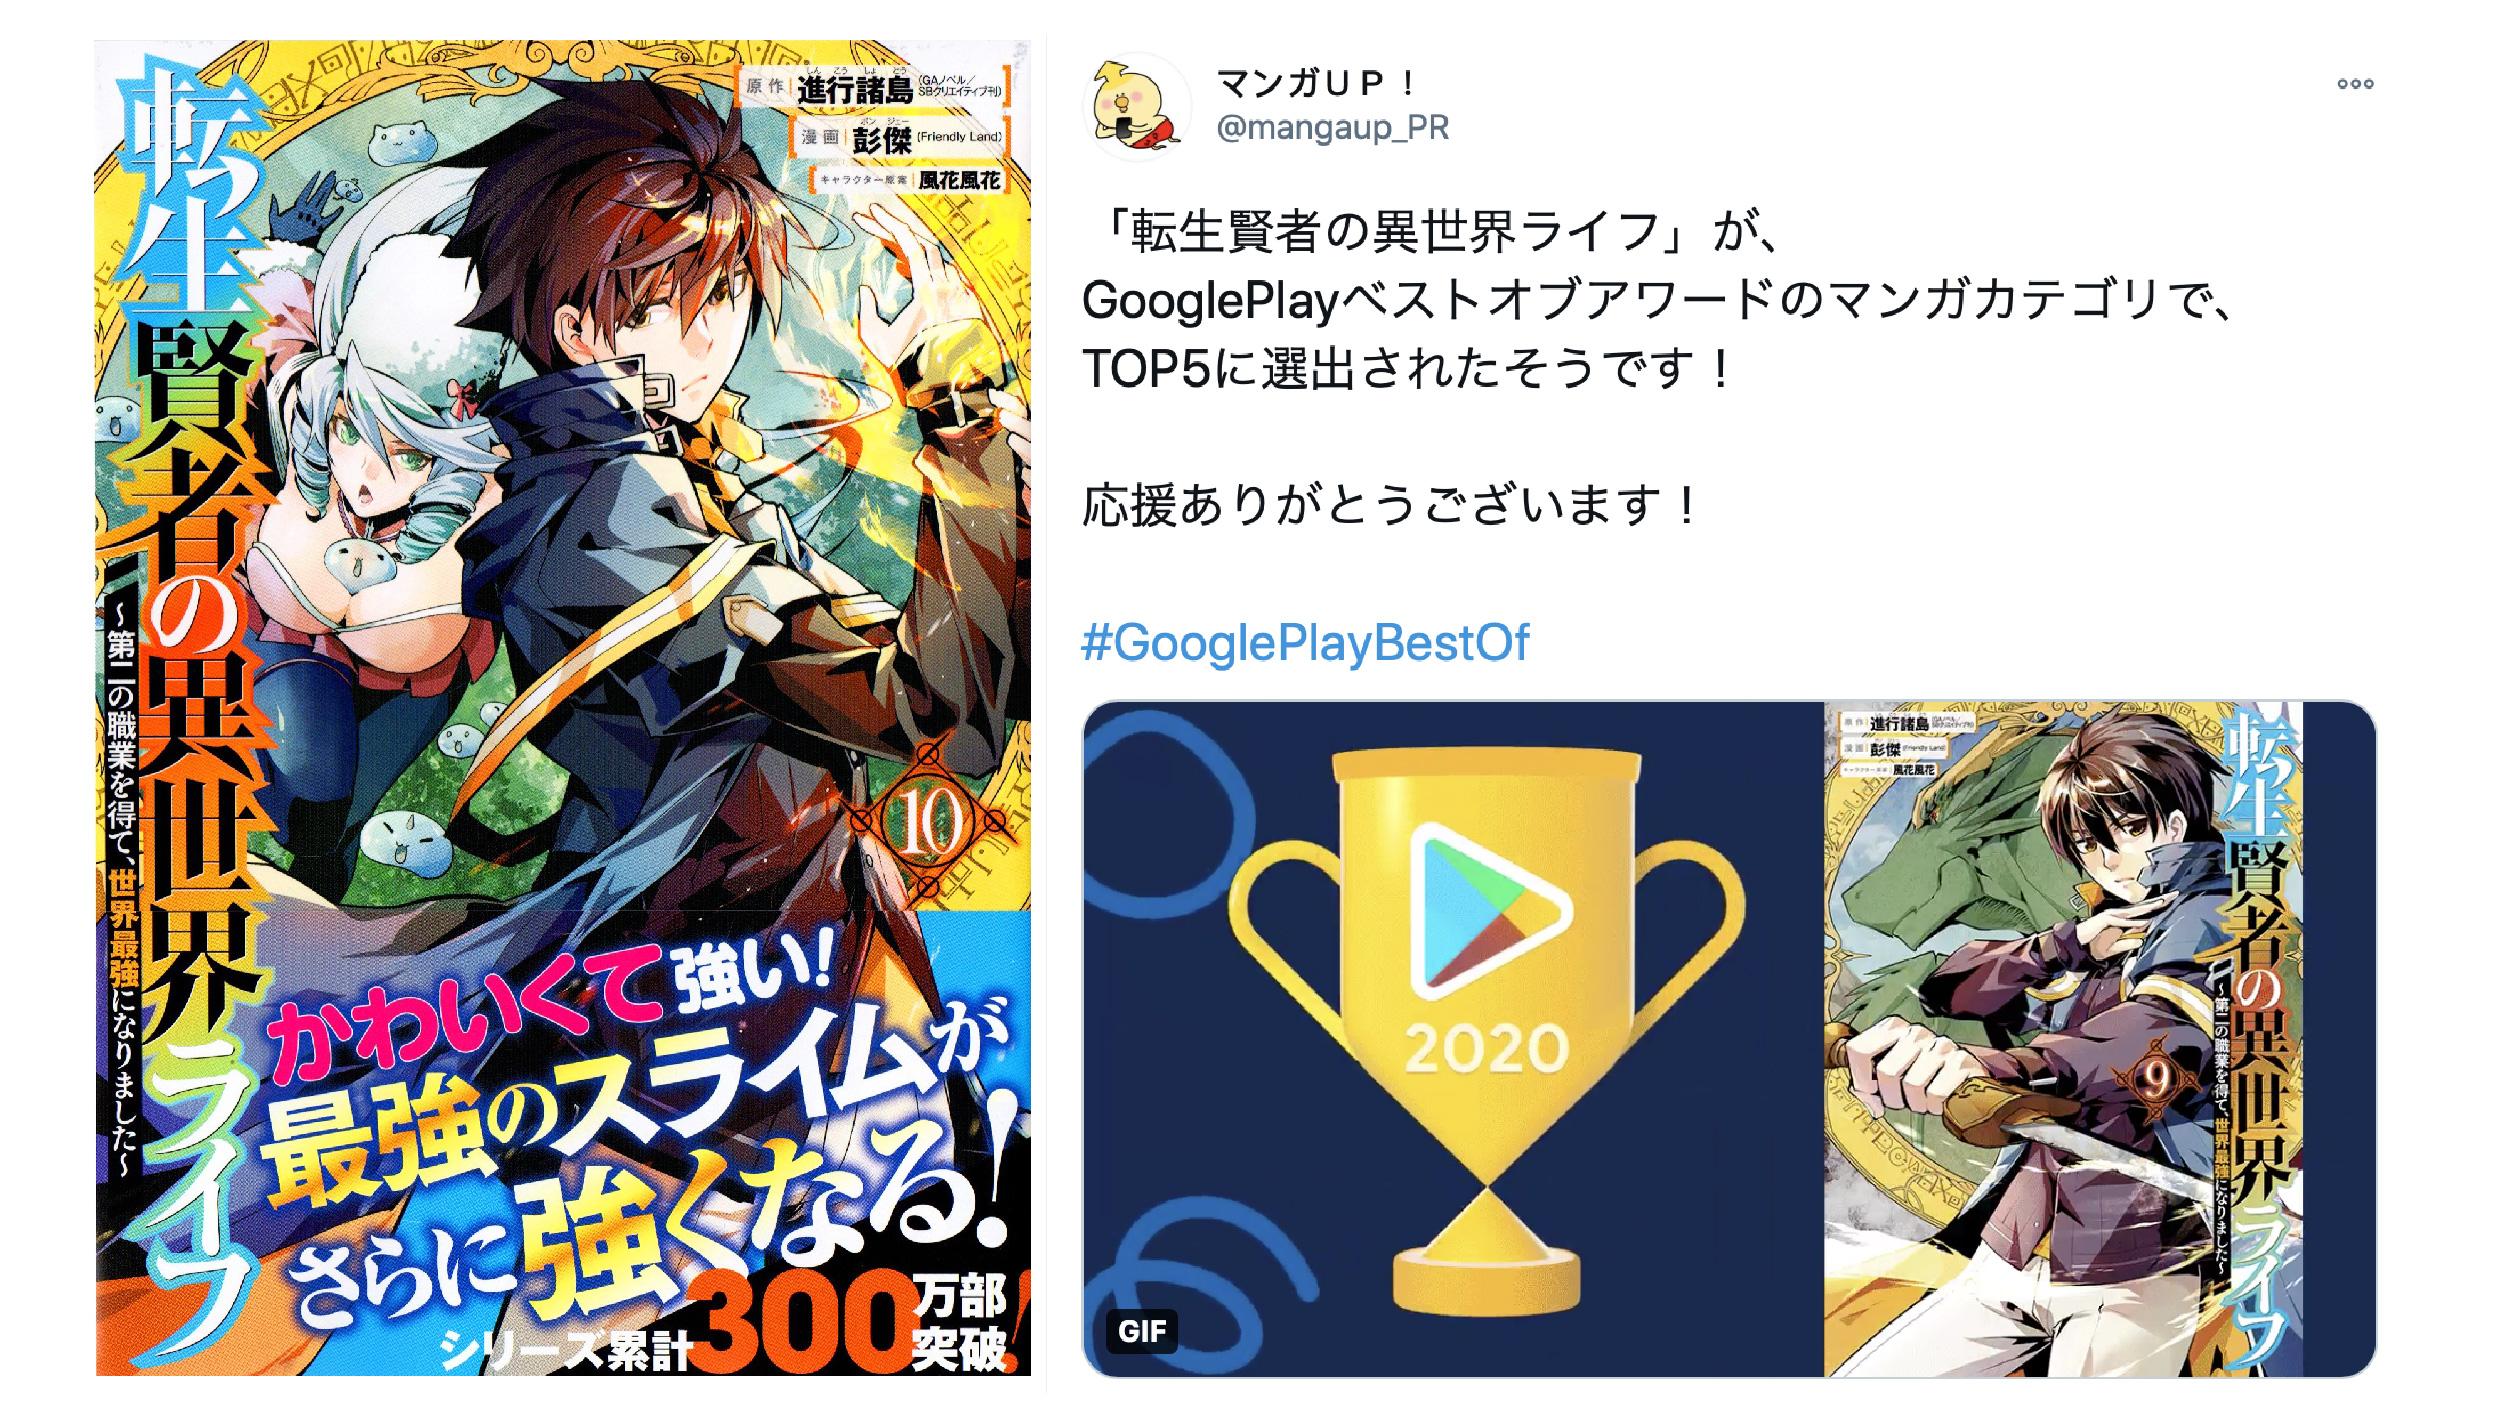 漫畫家彭傑作品《轉生賢者的異世界生活》榮登2020年日本Google Play漫畫TOP5!